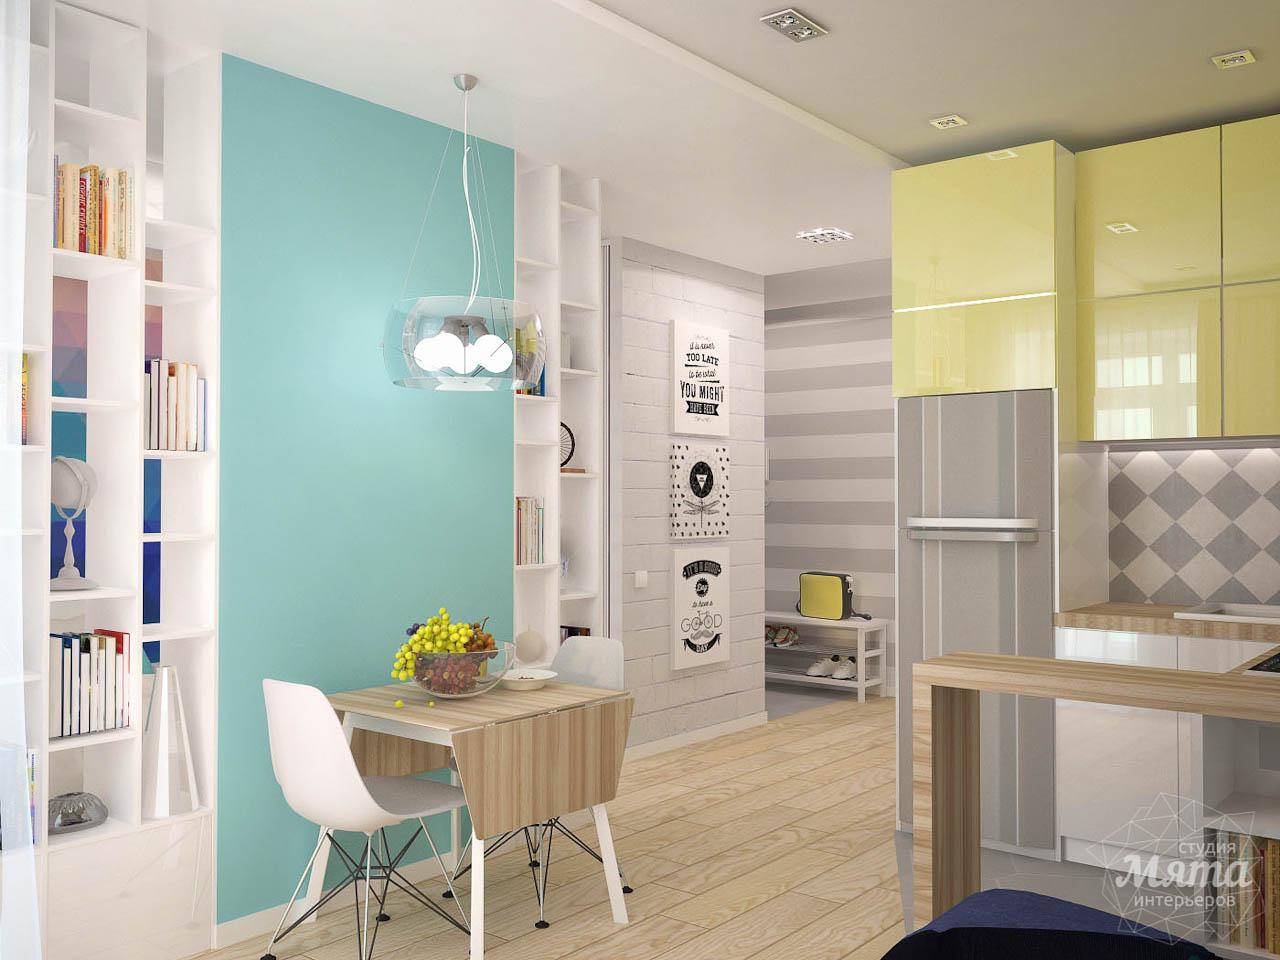 Дизайн интерьера и ремонт однокомнатной квартиры по ул. Сурикова 53а img296215989